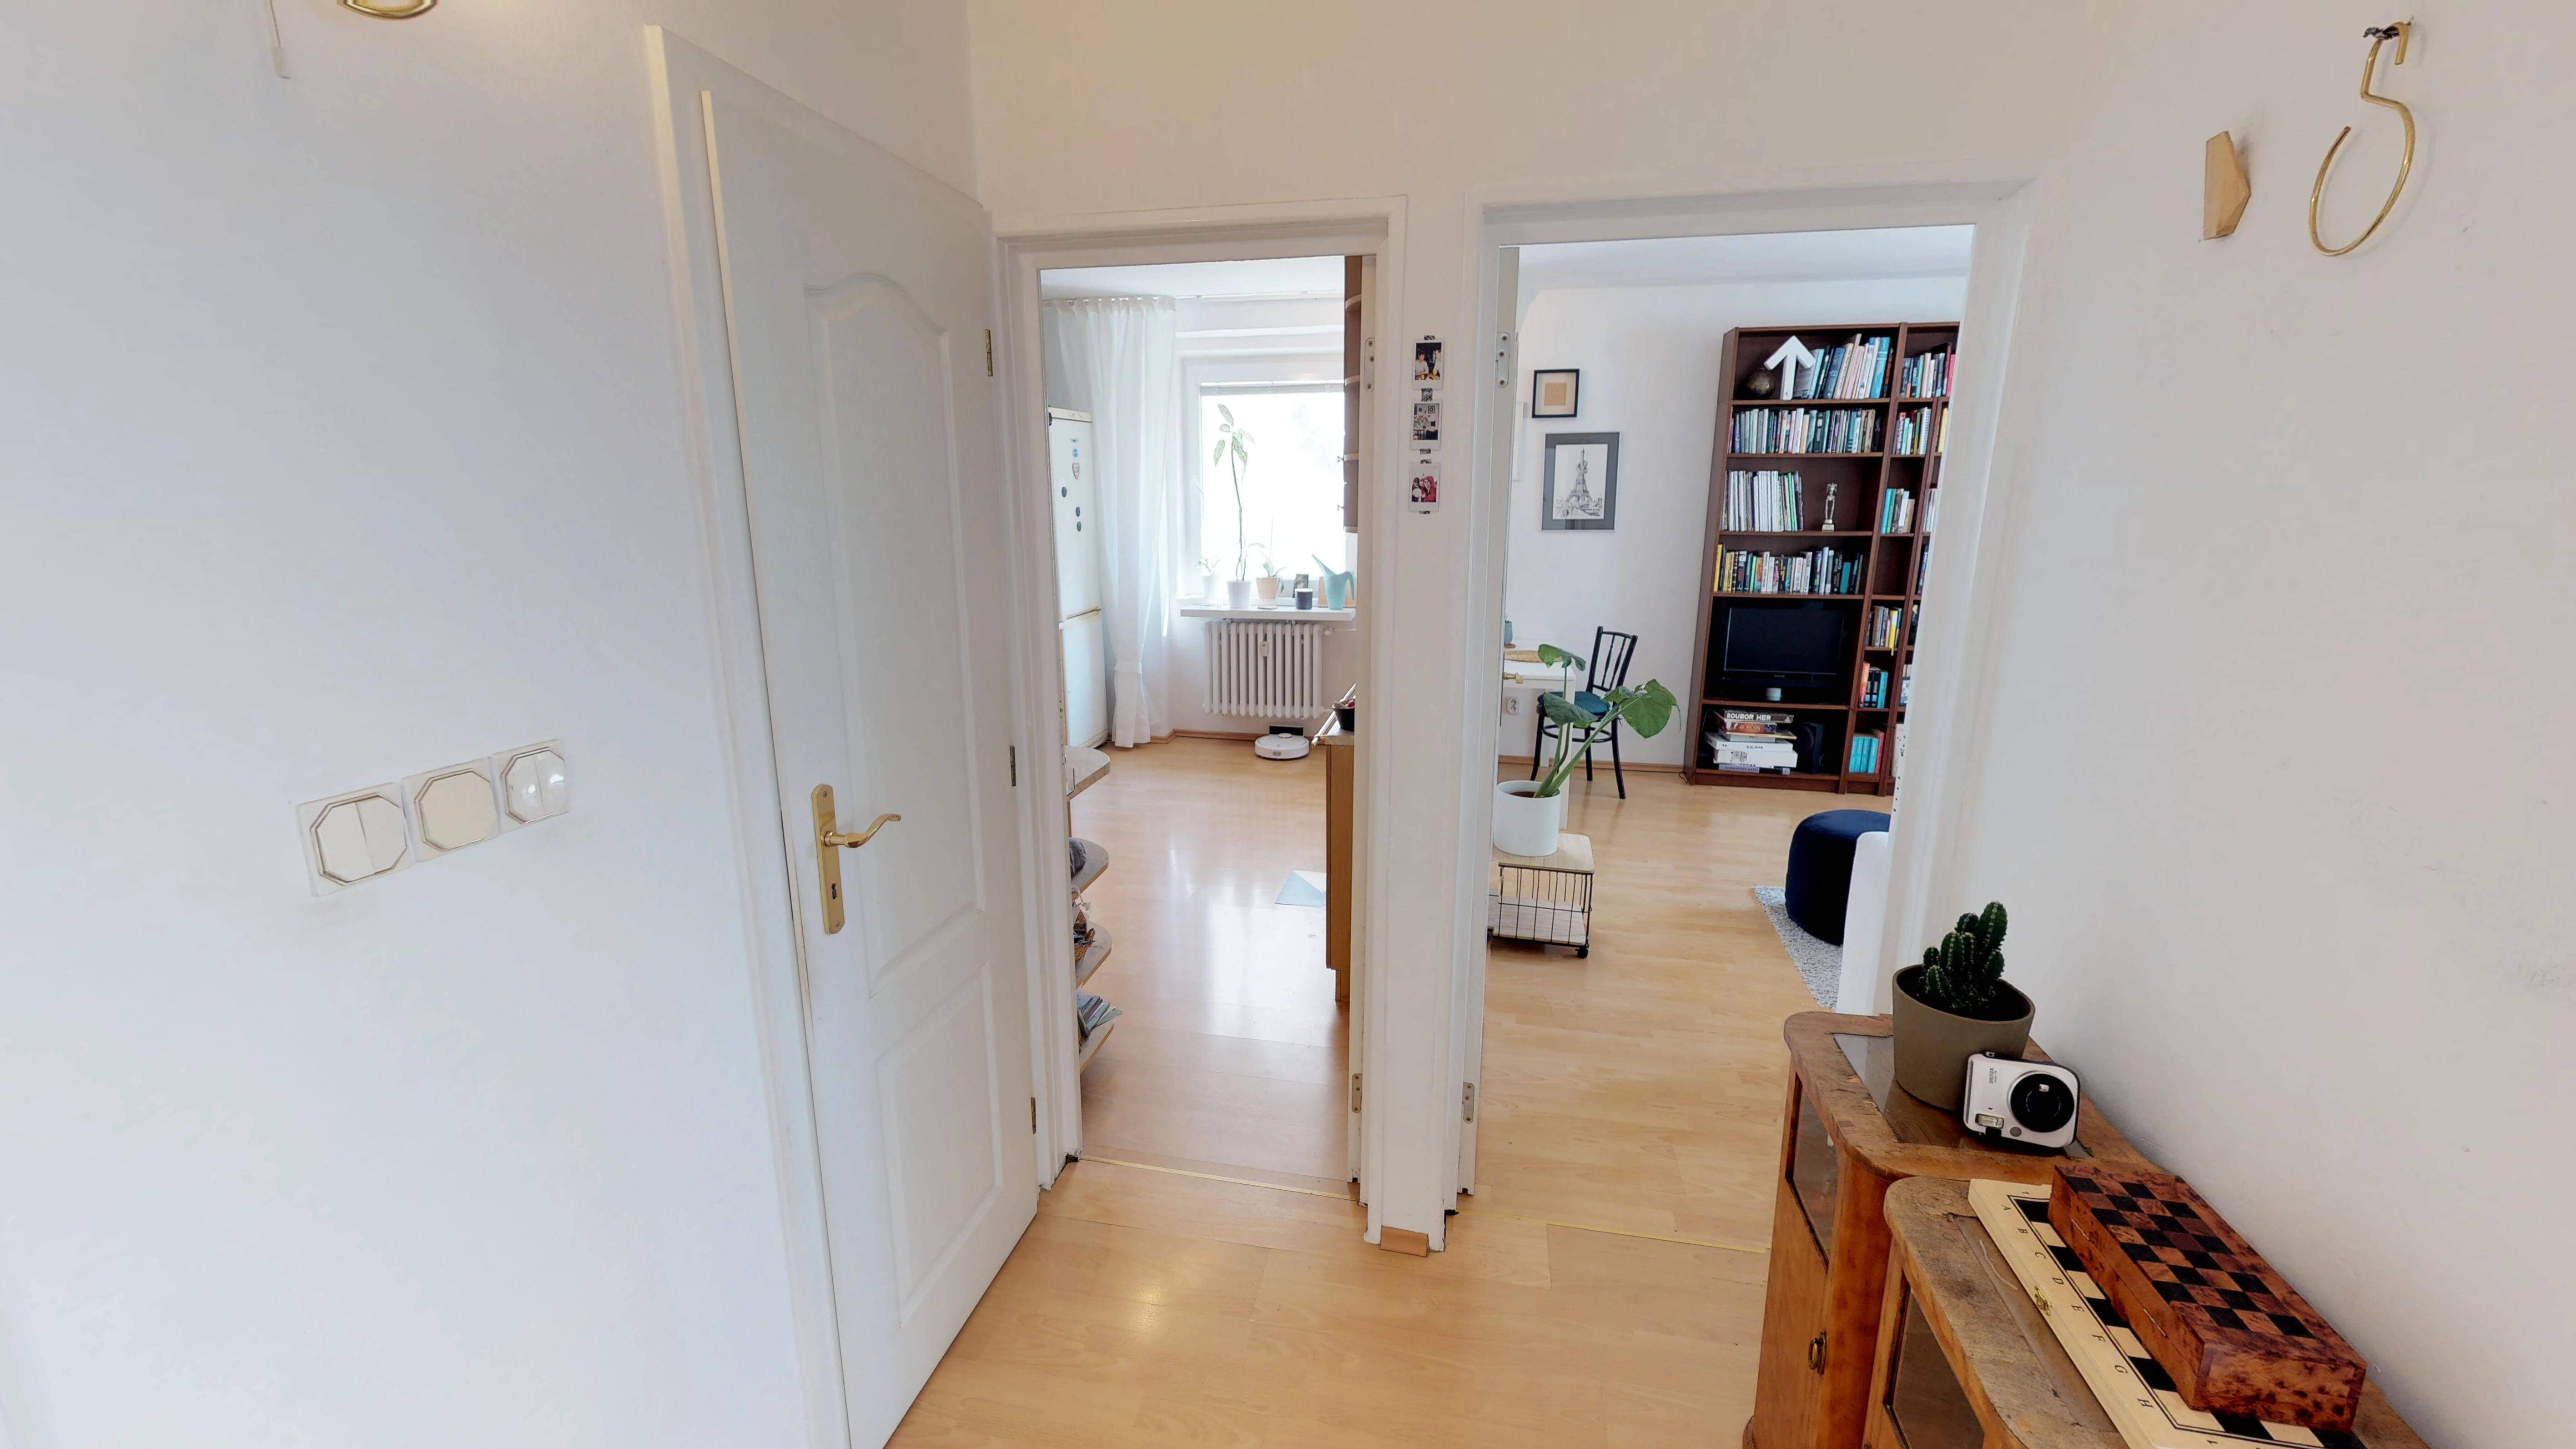 Predané Predaj exkluzívneho 3 izb. bytu,v Ružinove, ulica Palkovičová, blízko Trhoviska Miletičky v Bratislave, 68m2, kompletne zariadený-24